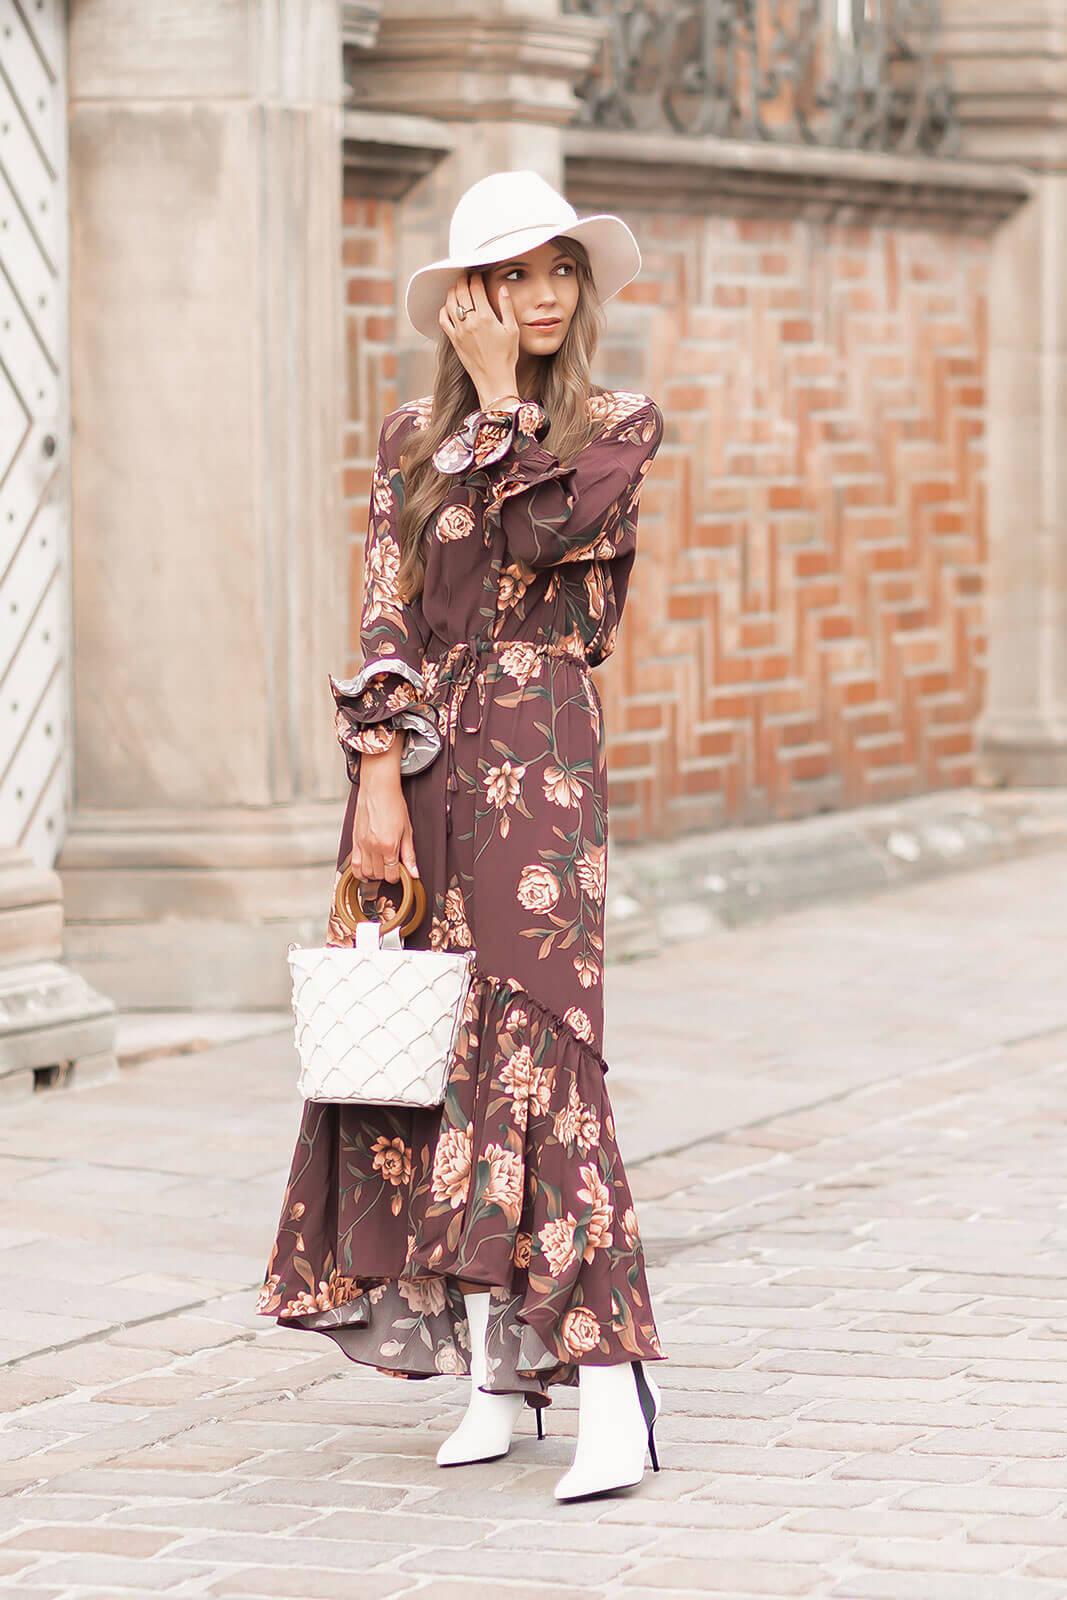 Das sind die schönsten Kleider für den Spätsommer, Kleidertrends 2020, Kleider mit Blumenmuster, Shoelove by Deichmann